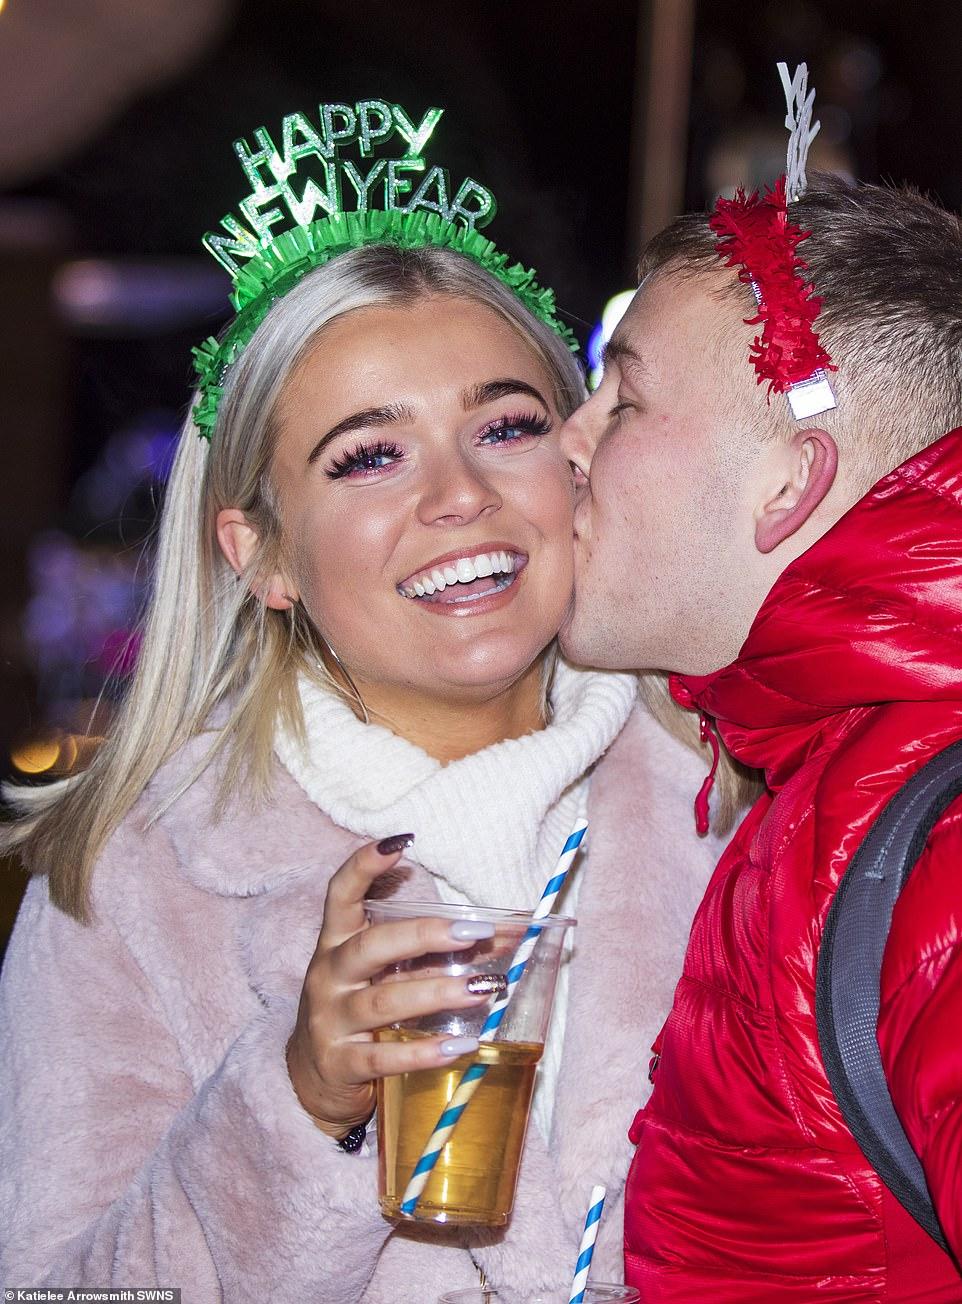 Очень бурный Новый год на улицах Британии 22854916-7841287-image-a-74_1577830675436.jpg